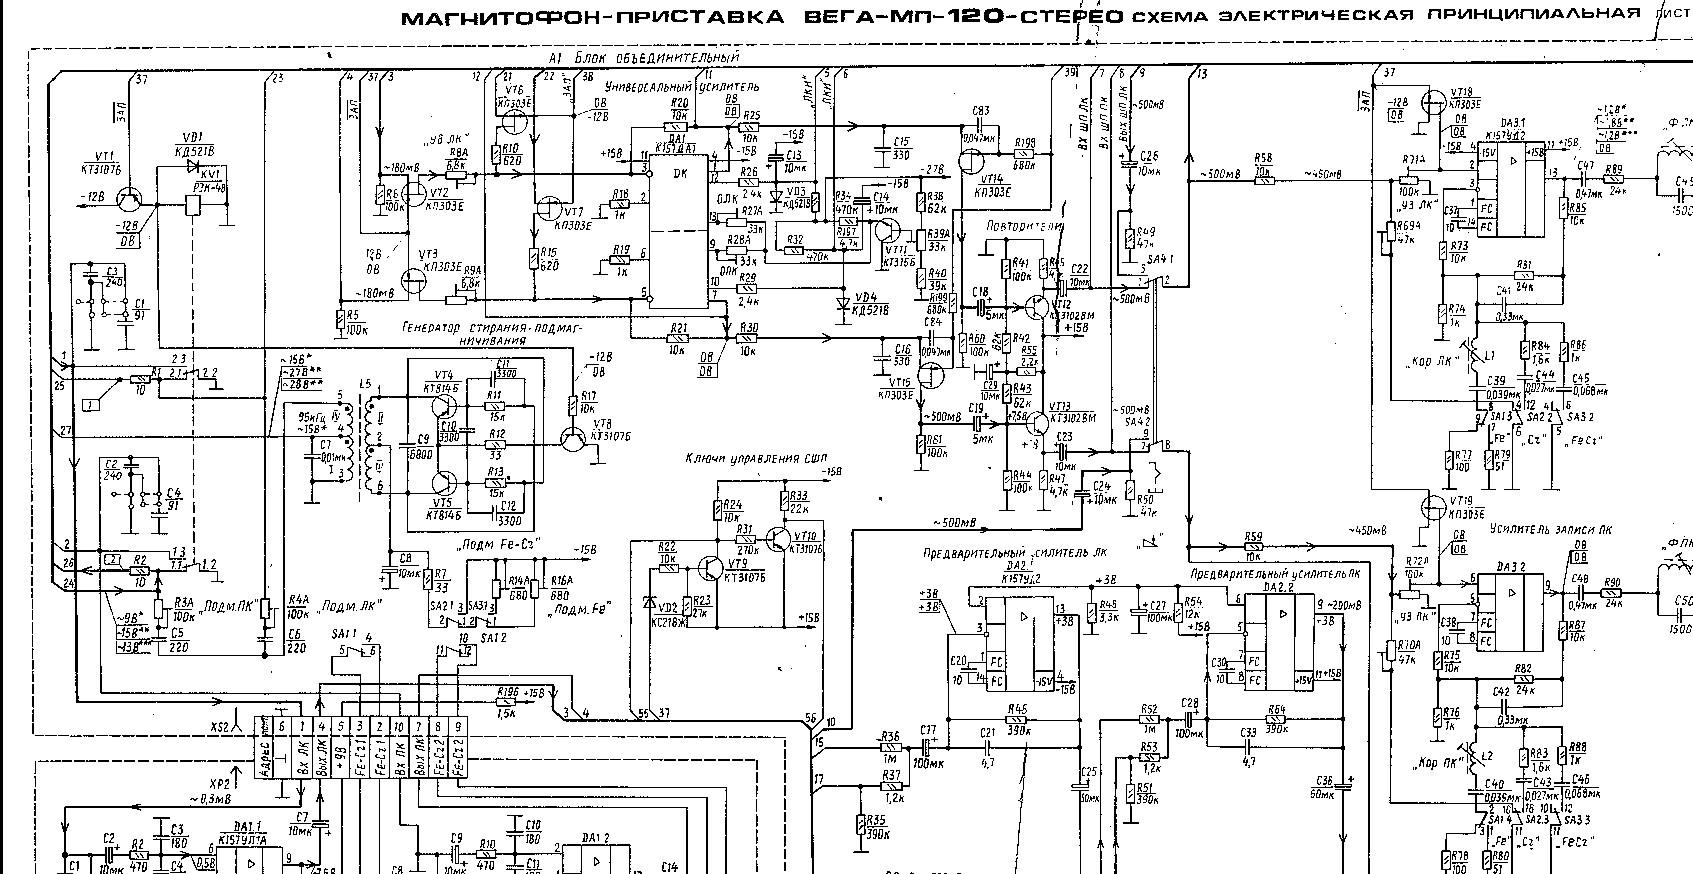 вега мп 120 стерео схема